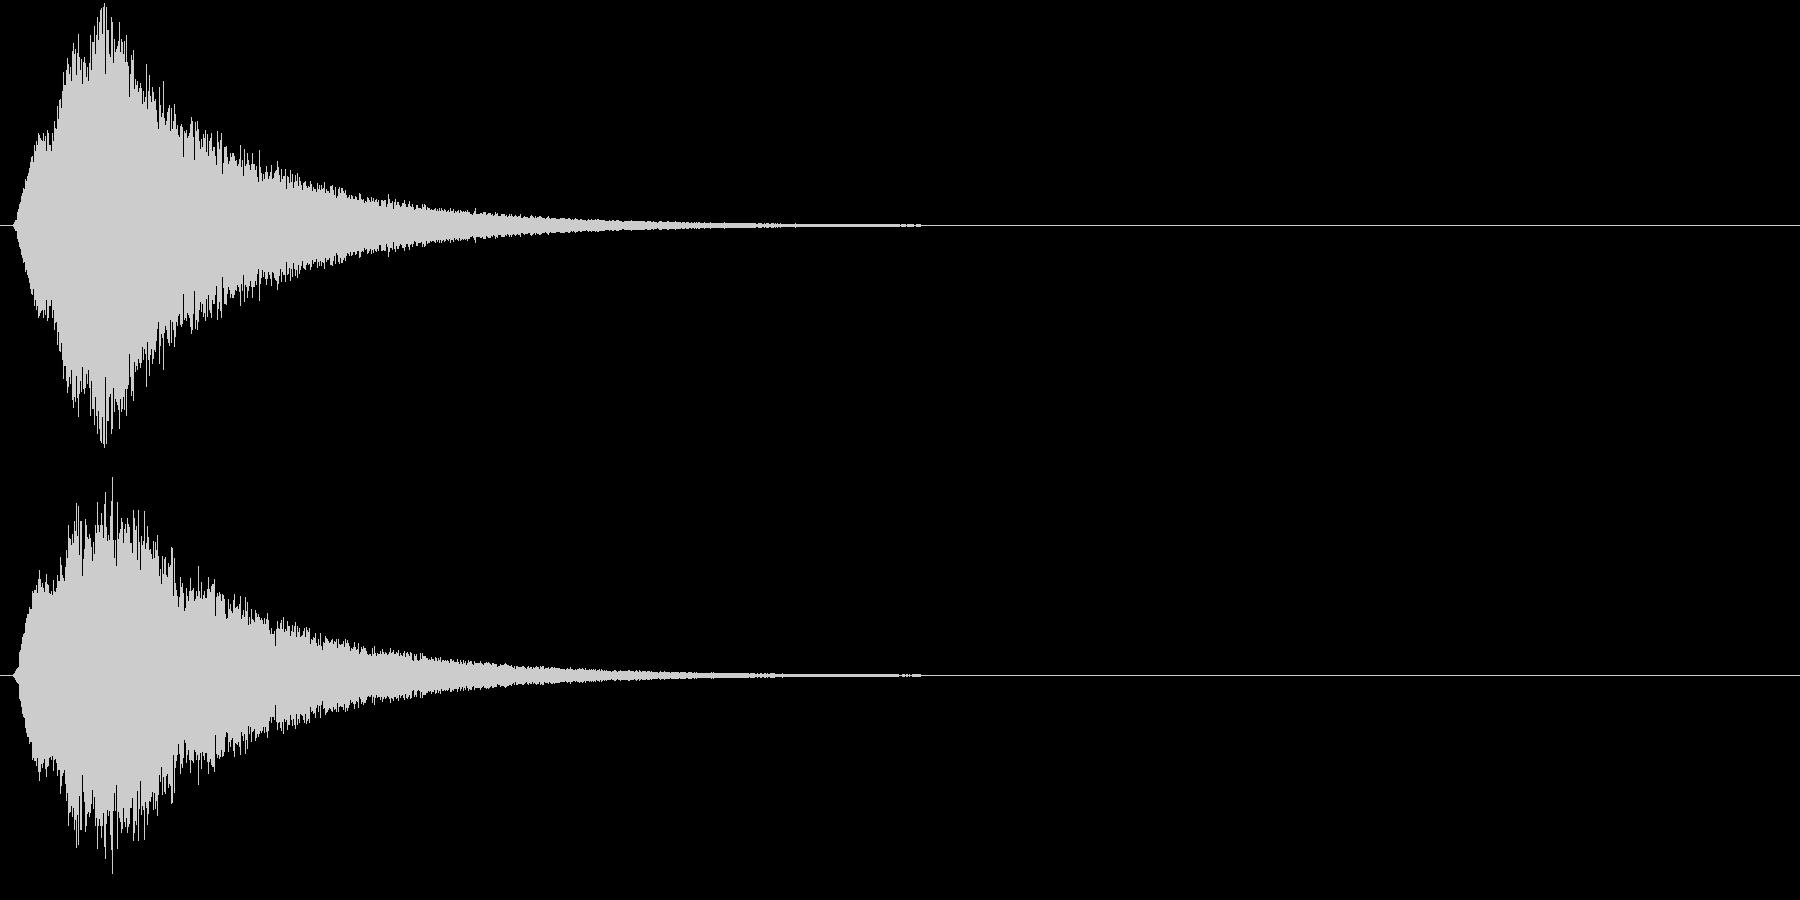 キュピーン 光 魔法効果 未来感の未再生の波形